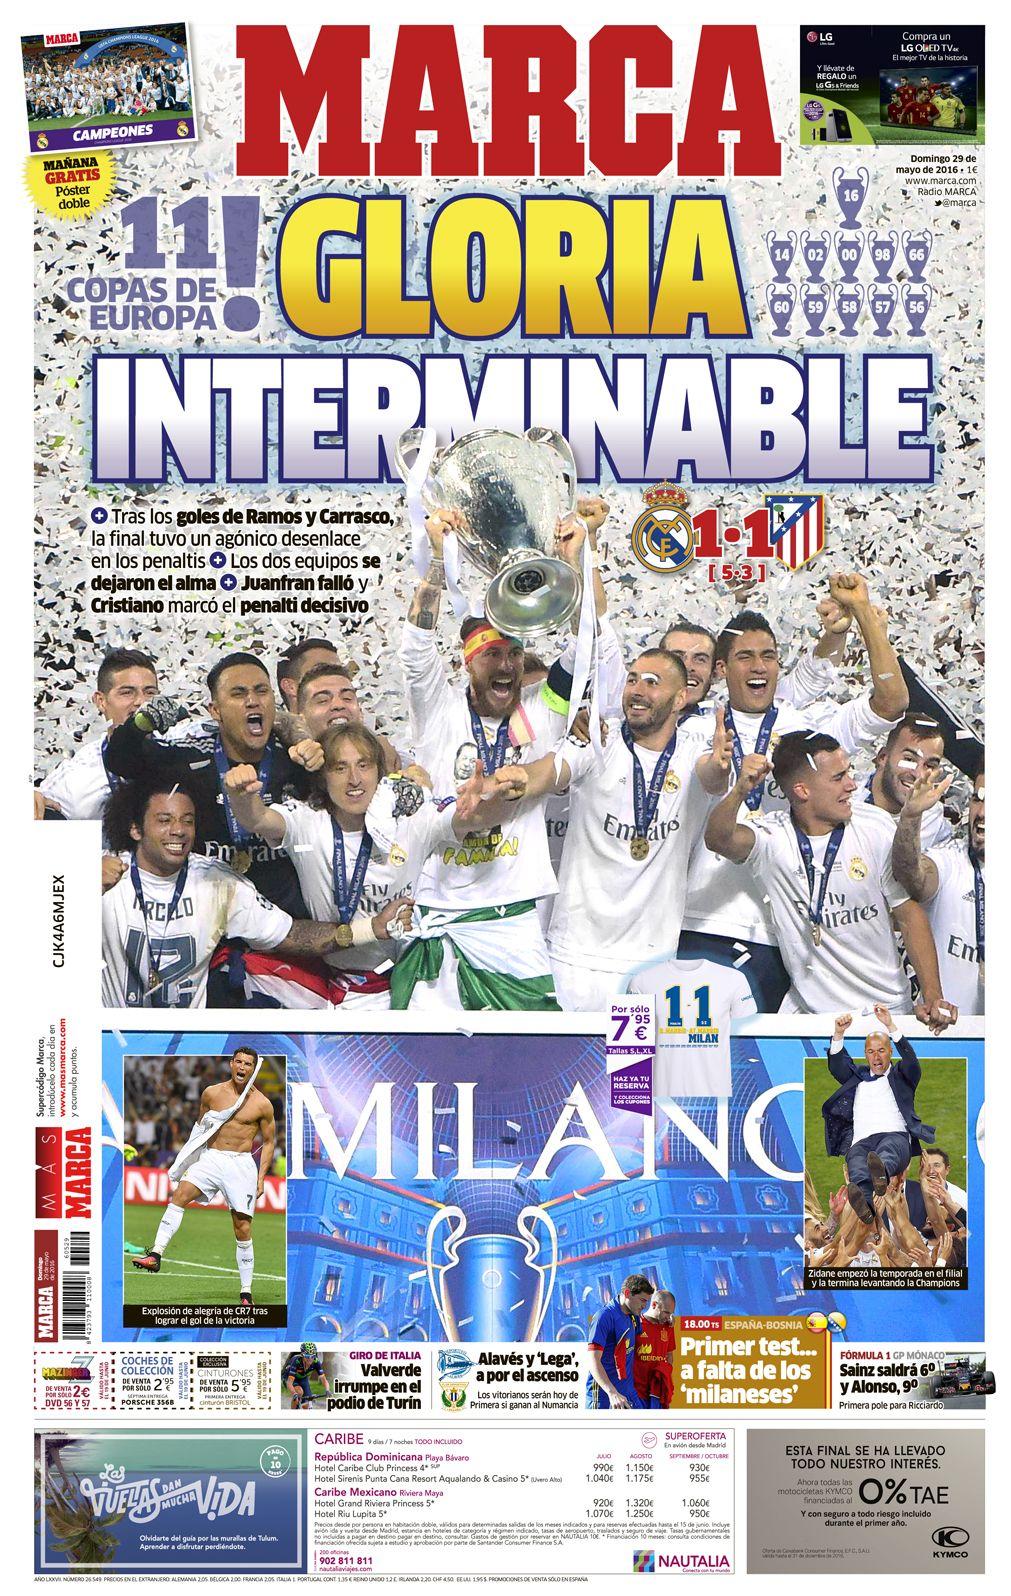 Final Champions 2016 La Undécima del Madrid, en las